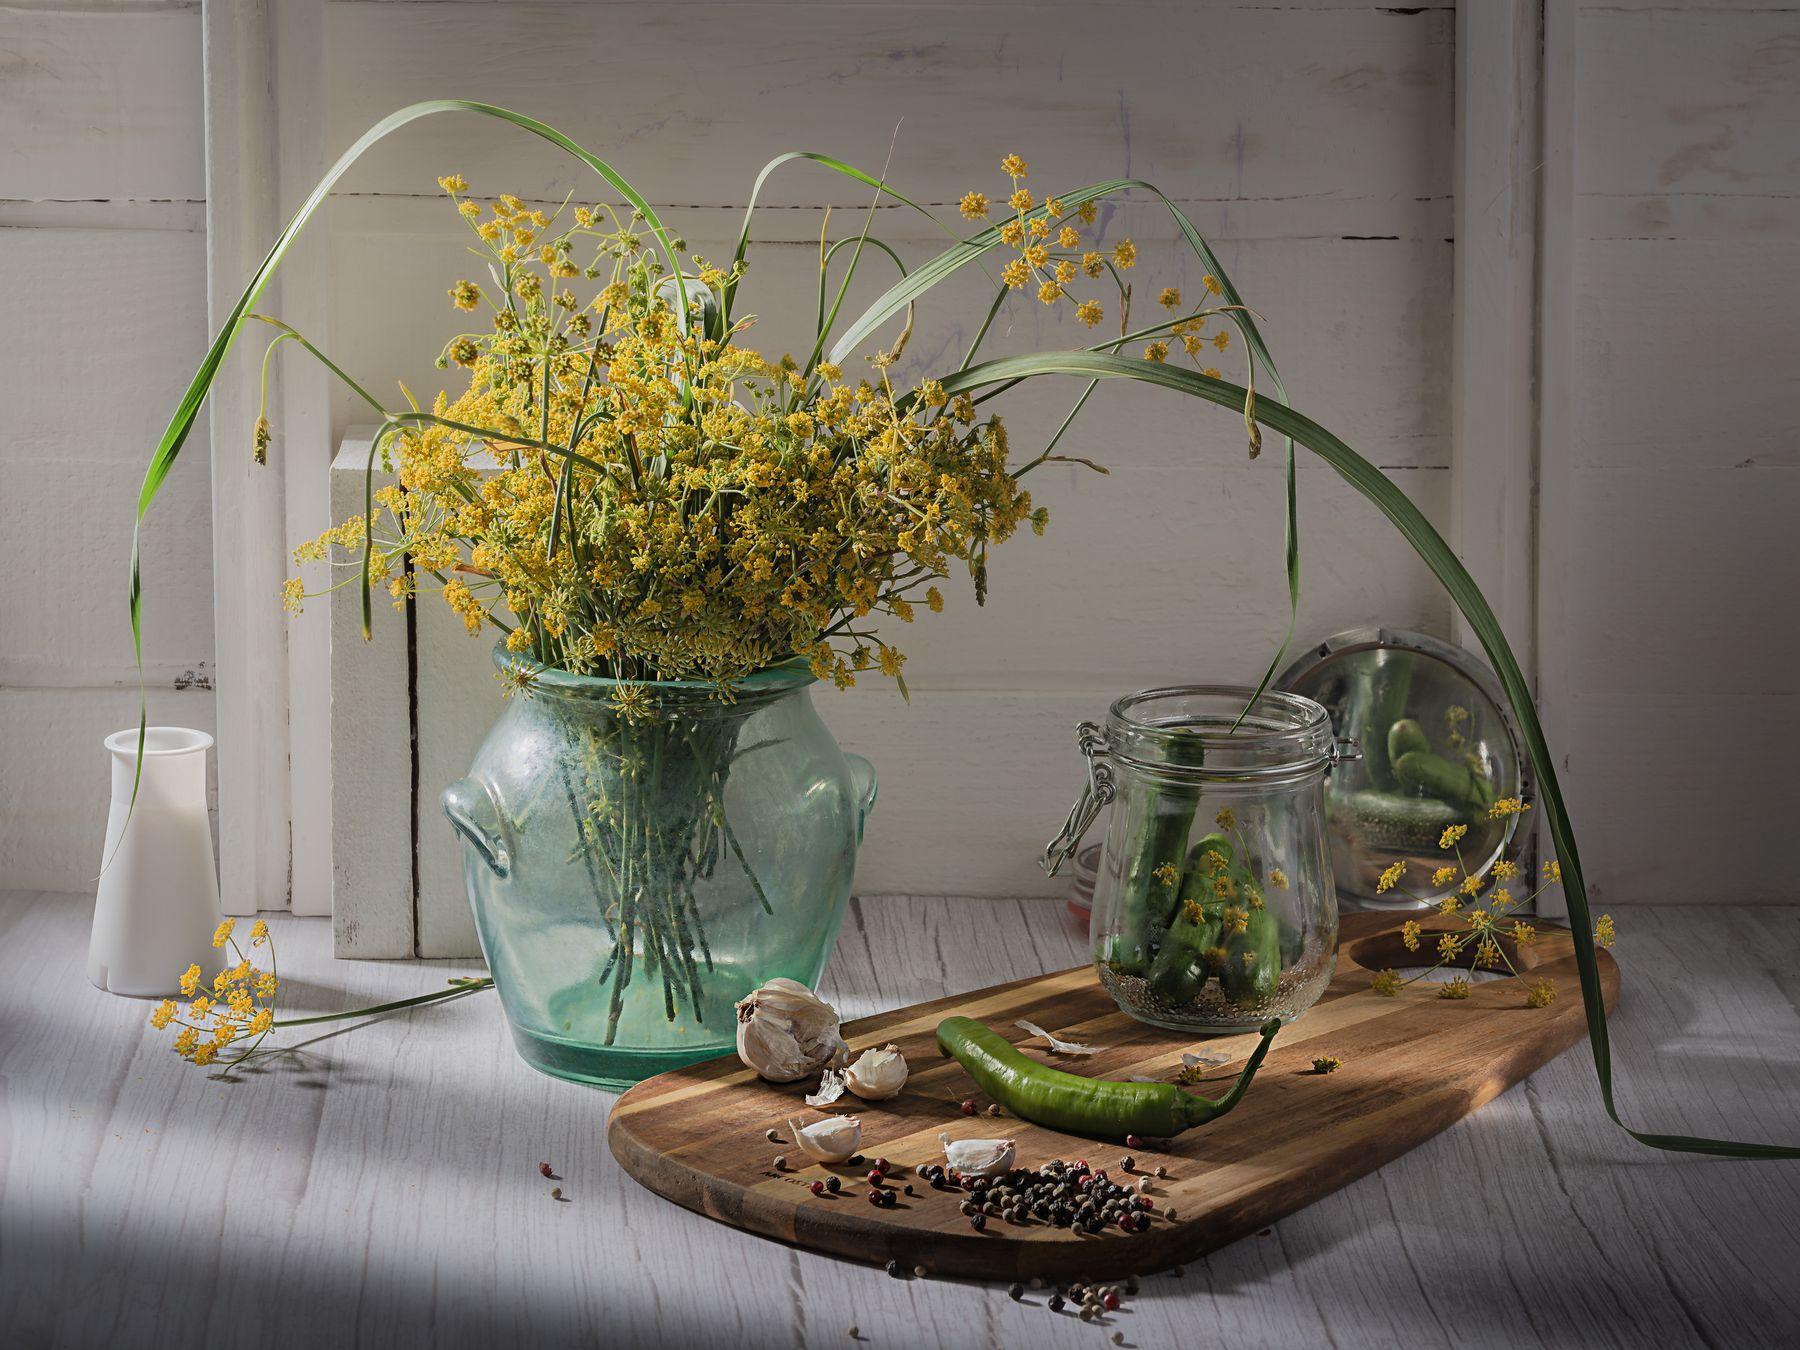 О огурцах и консервировании. Натюрморт дачный стекло овощи огурцы укроп зеркало перец чеснок